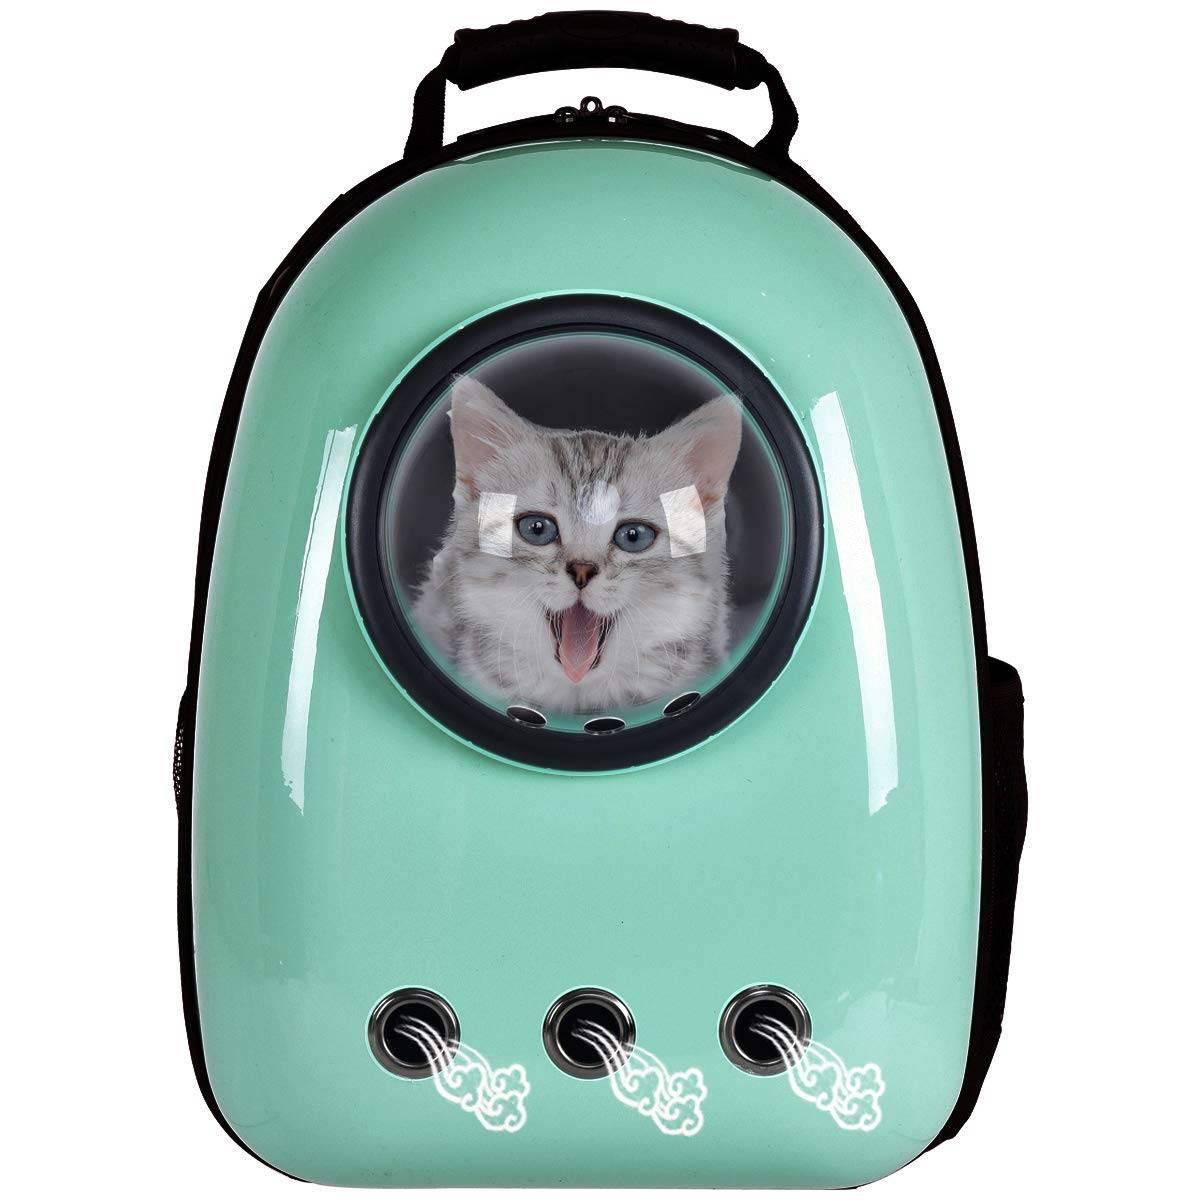 Переноска для кошек: правила выбора, изготовление своими руками